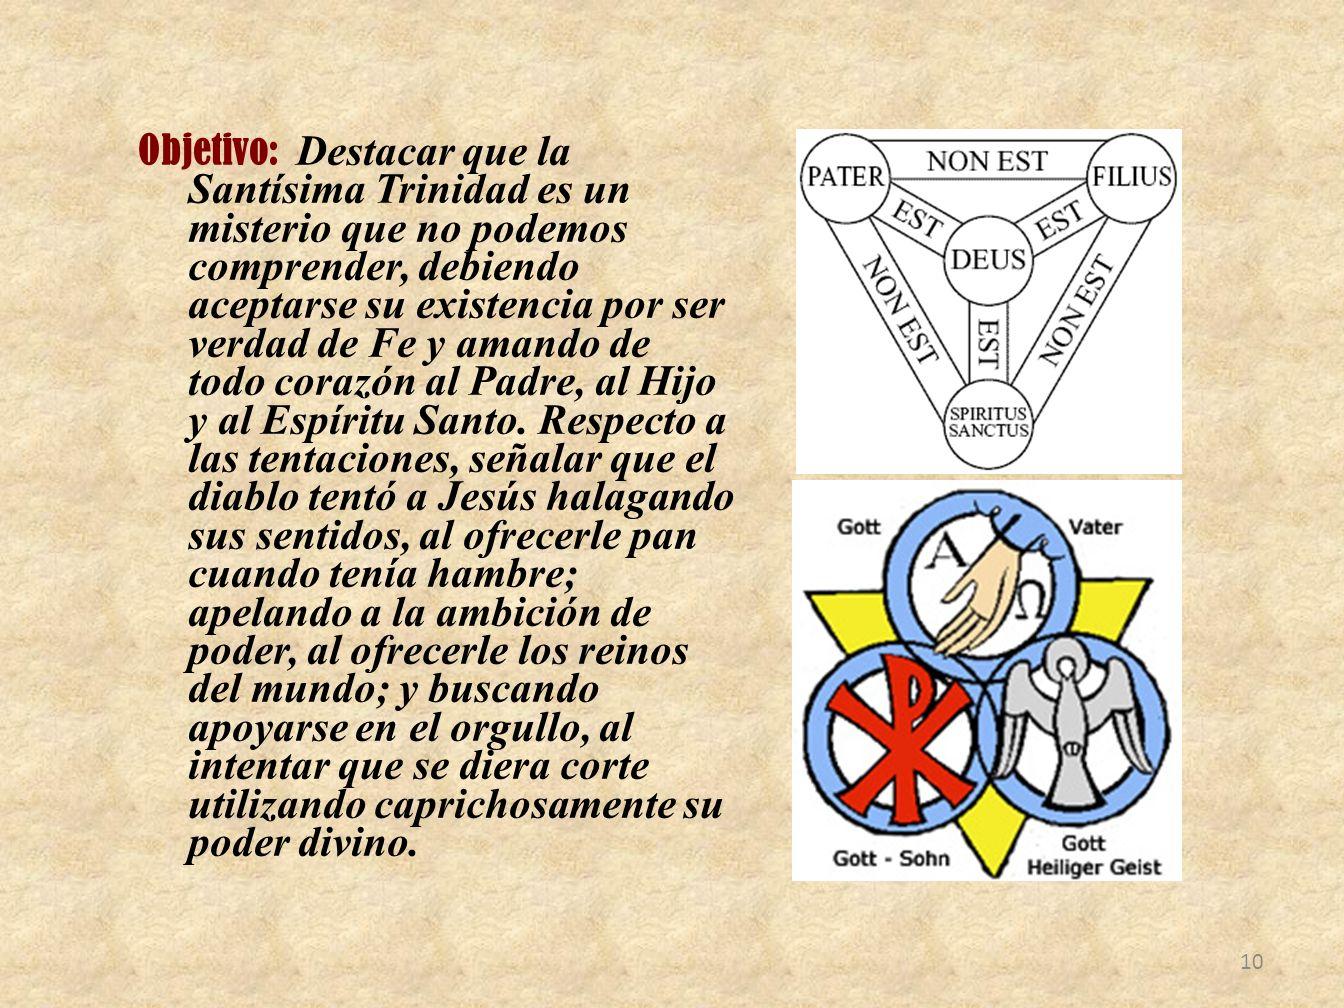 Objetivo: Destacar que la Santísima Trinidad es un misterio que no podemos comprender, debiendo aceptarse su existencia por ser verdad de Fe y amando de todo corazón al Padre, al Hijo y al Espíritu Santo.